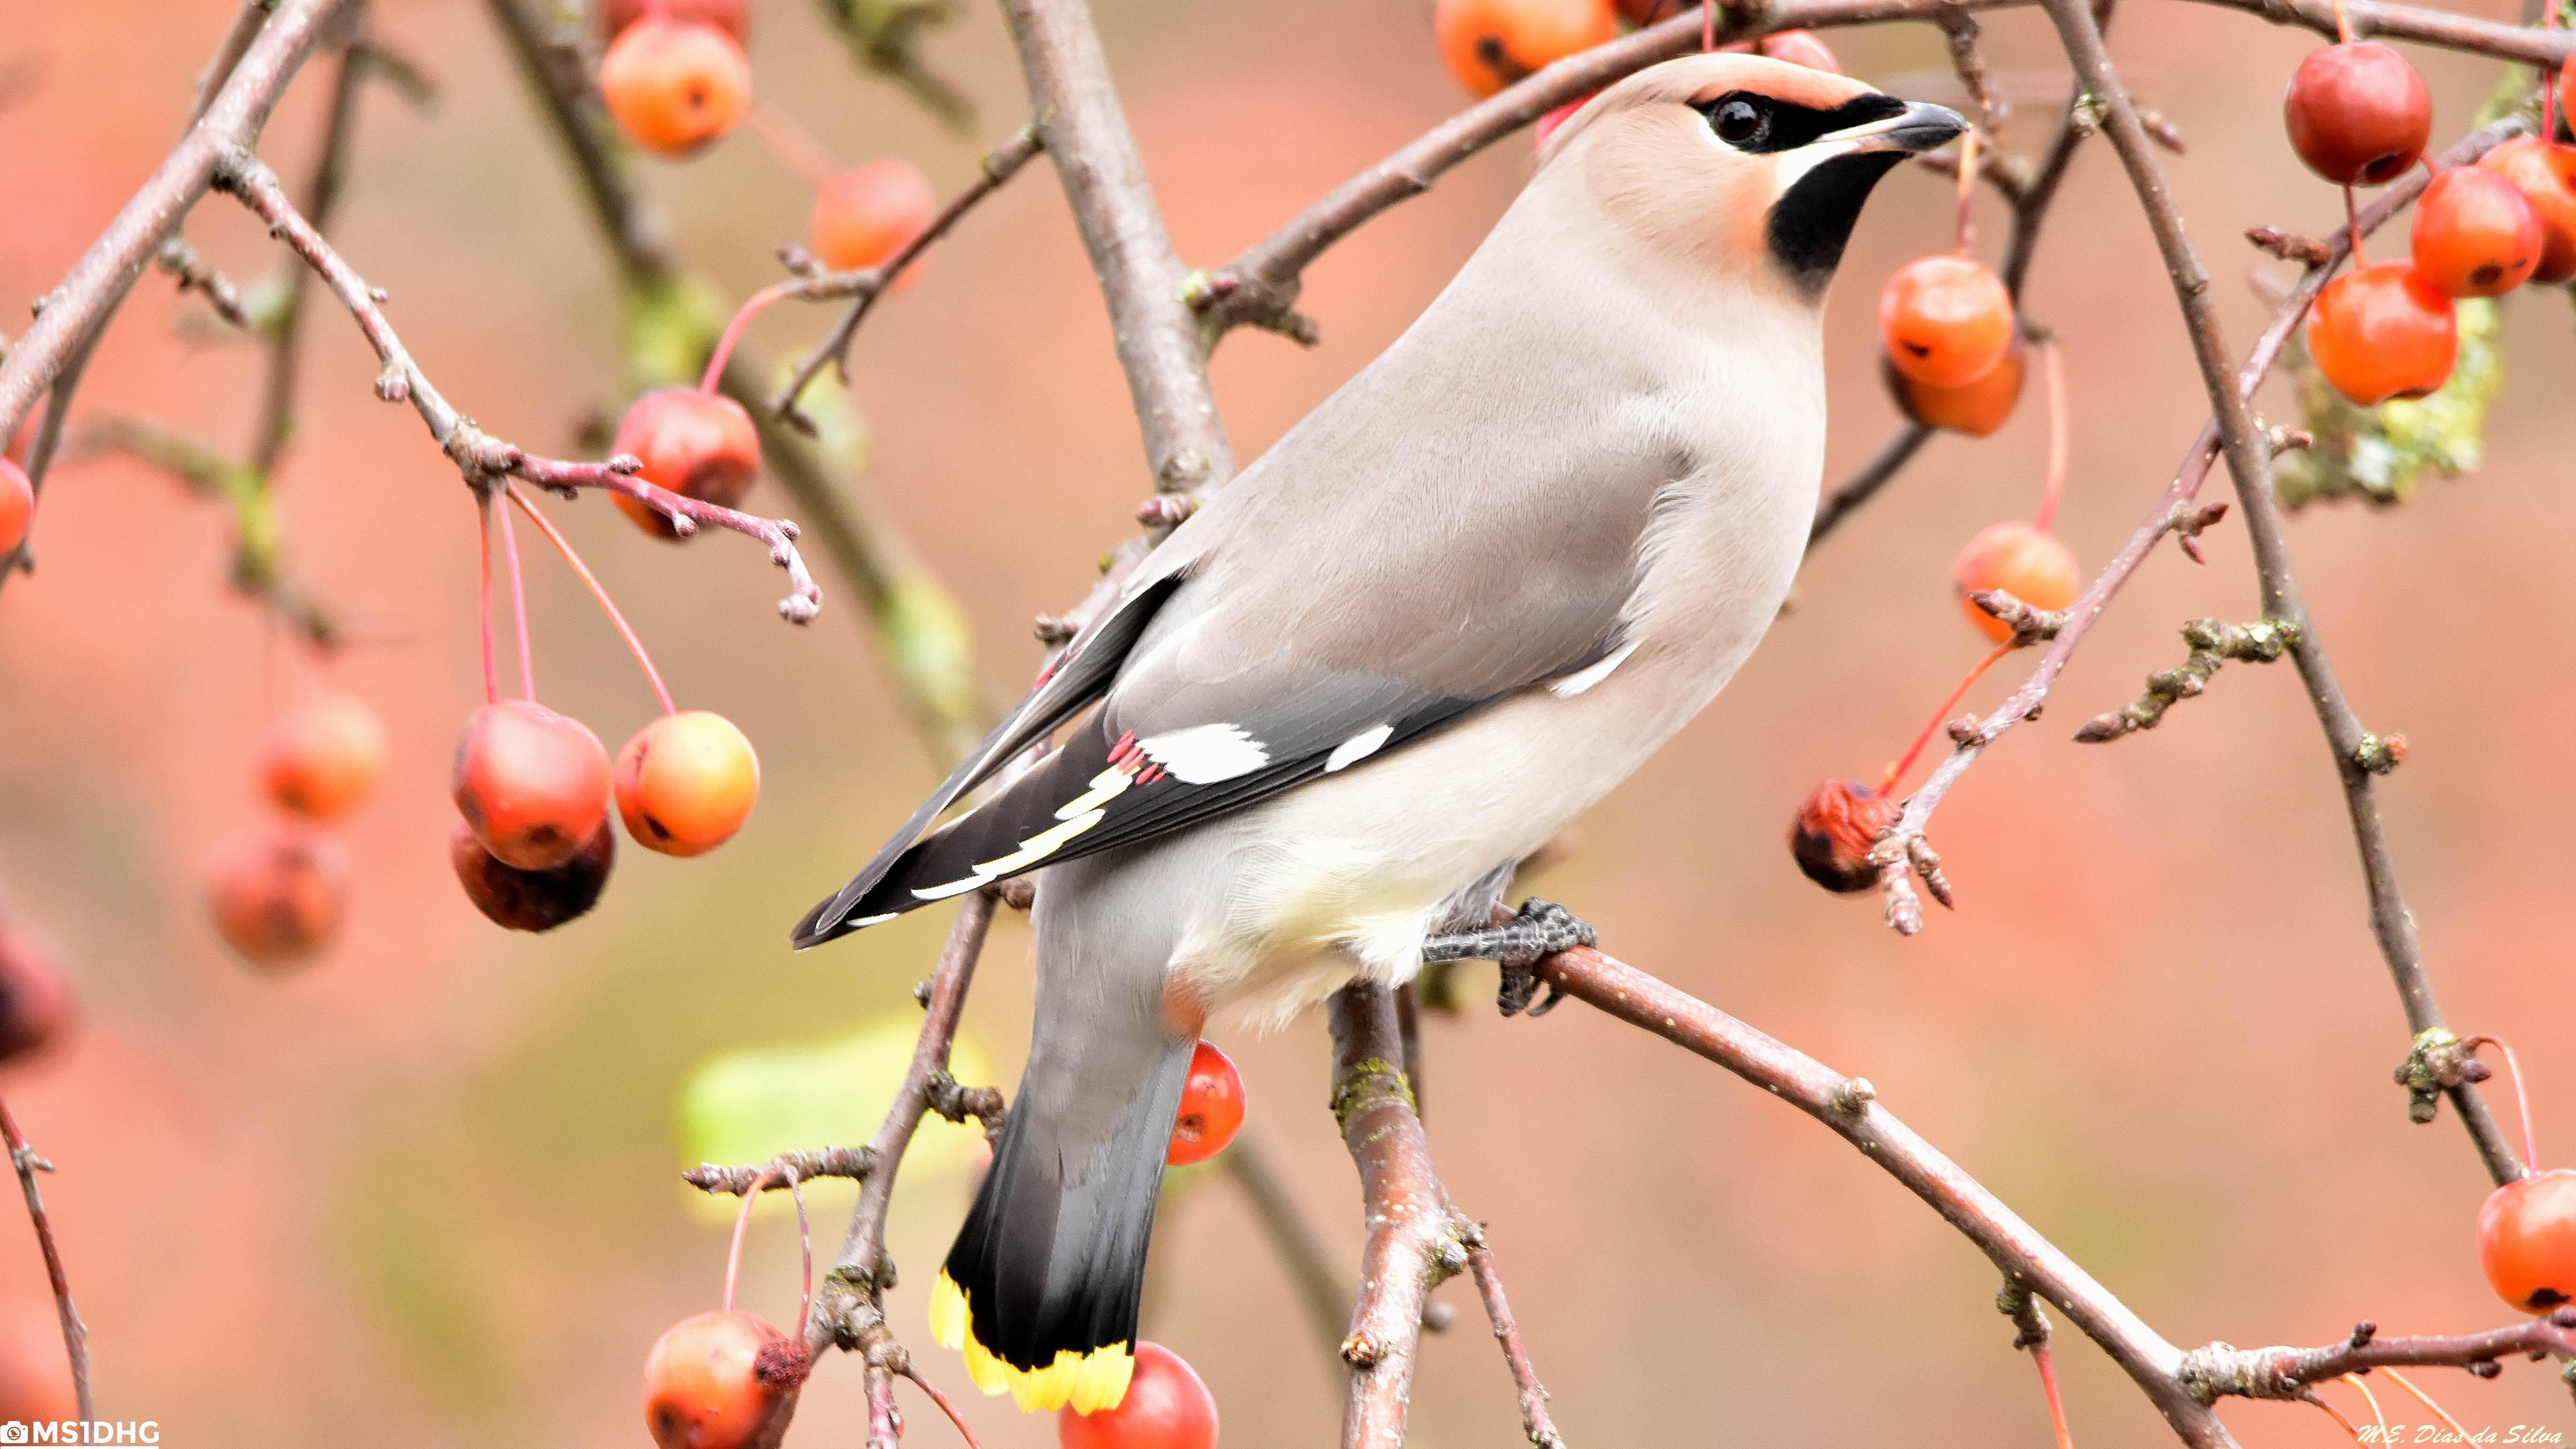 Fórum Aves - Birdwatching em Portugal - Portal Tagarela%20europeia%20(9)